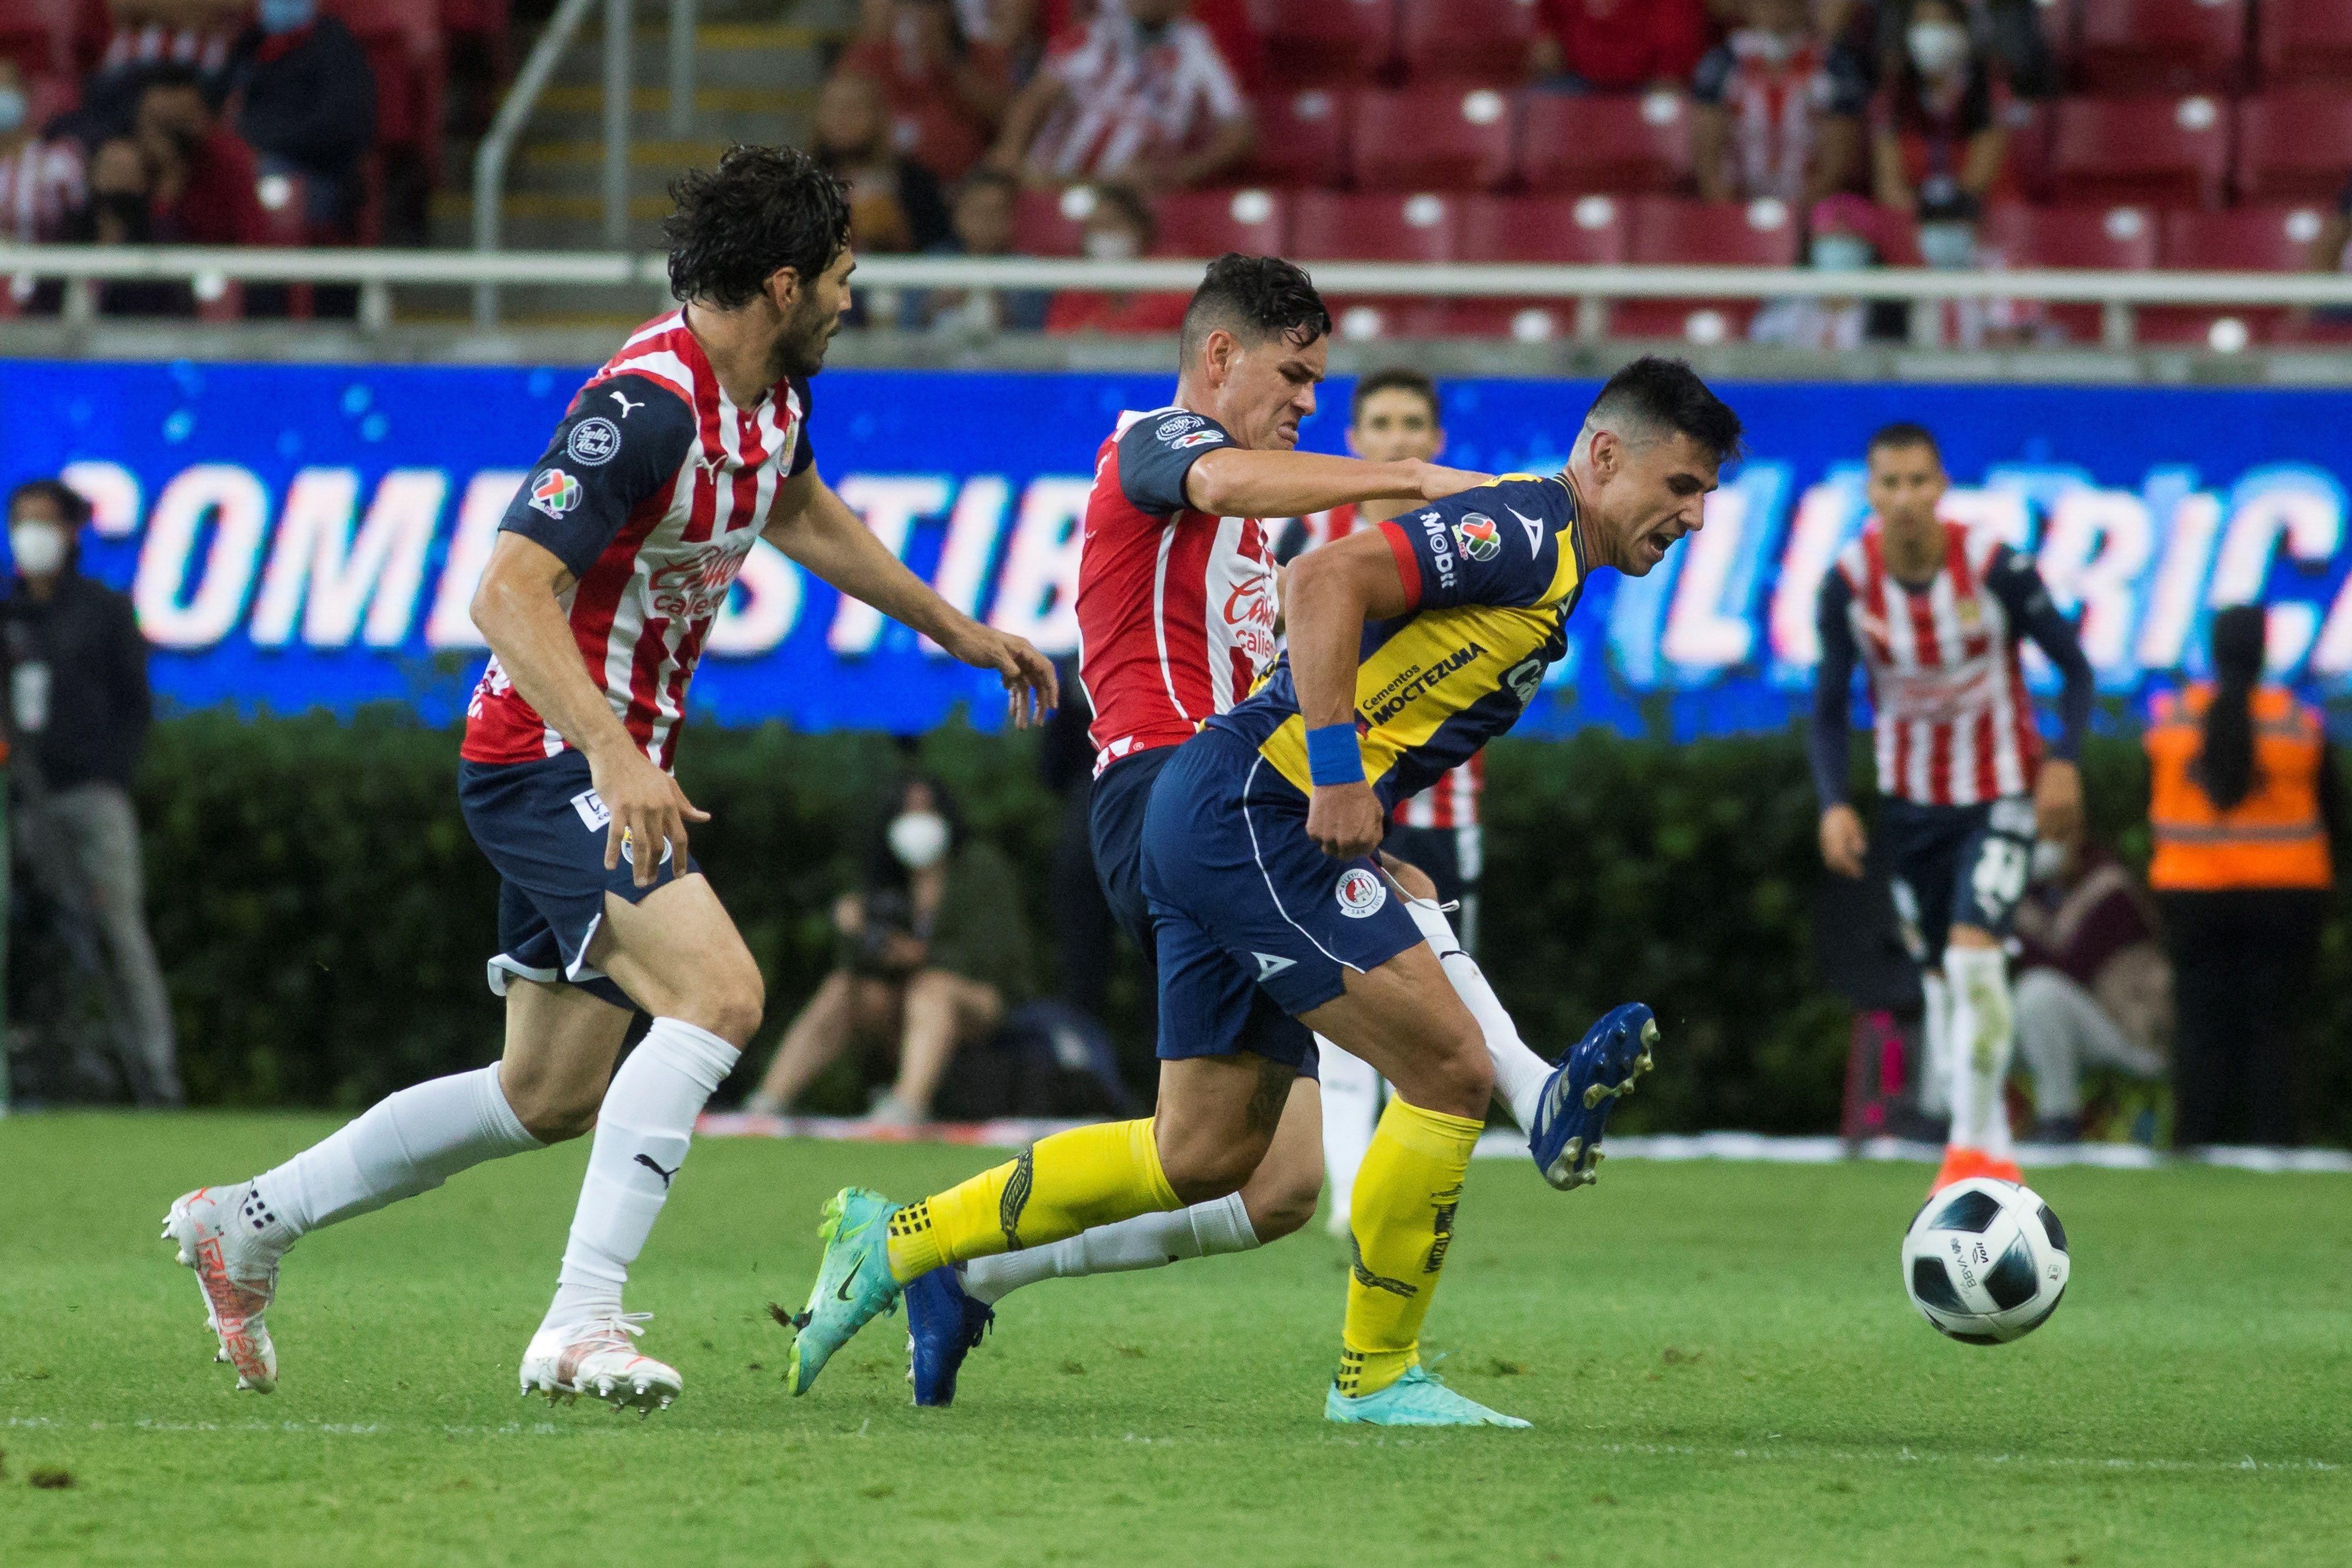 El presente deportivo de Chivas les pasa factura en redes sociales. Los aficionados no esconden su descontento: (Foto: Francisco Guasco/EFE)